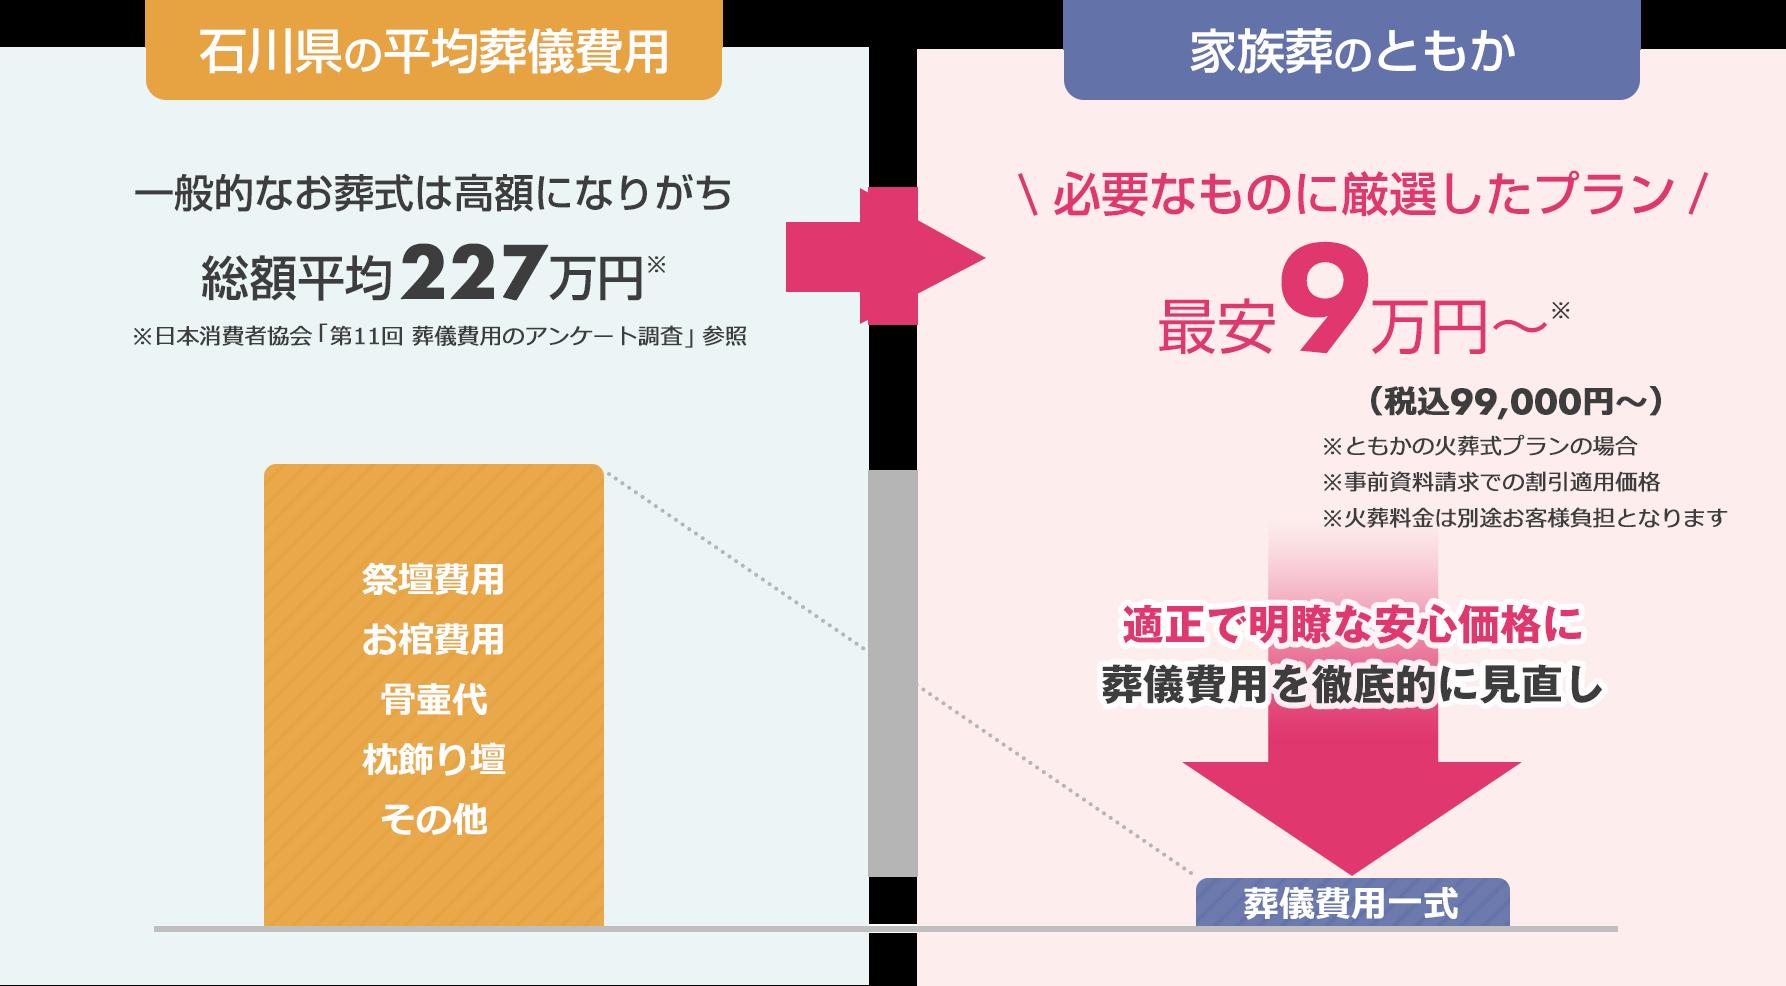 石川県の平均葬儀費用との比較